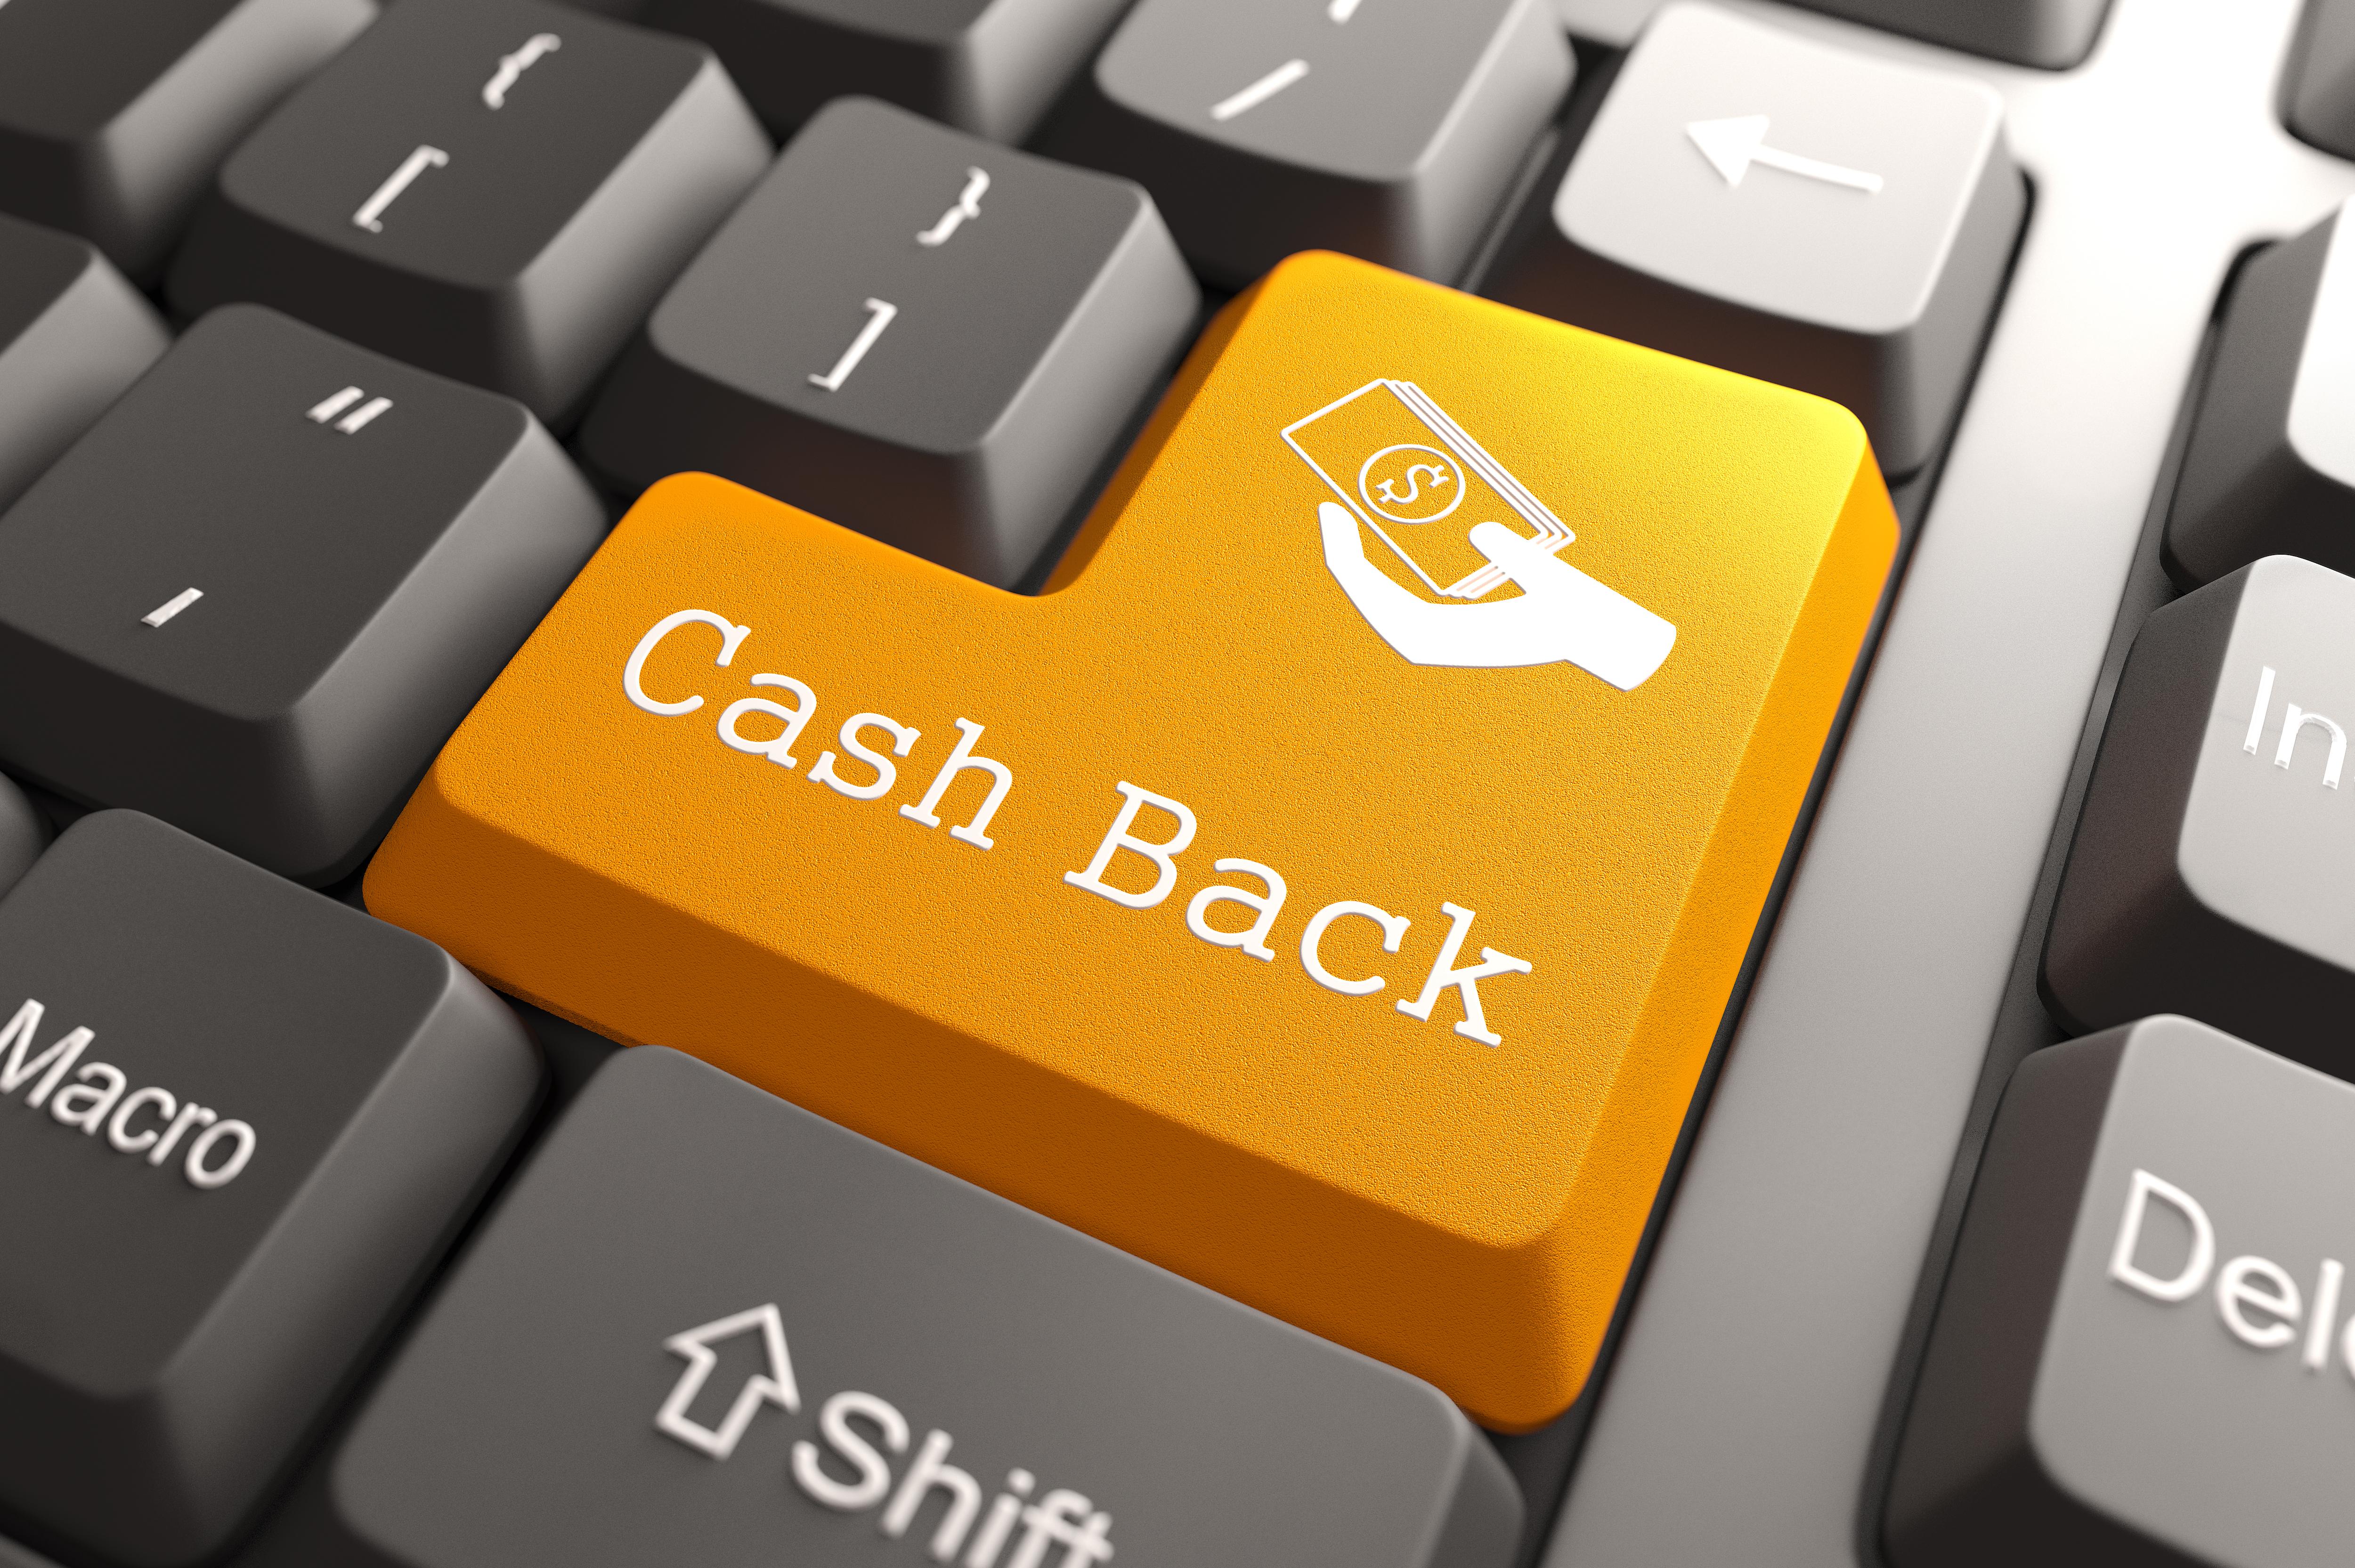 Como ahorrar dinero comprando por Internet a través de Ebates by alicia borchardt